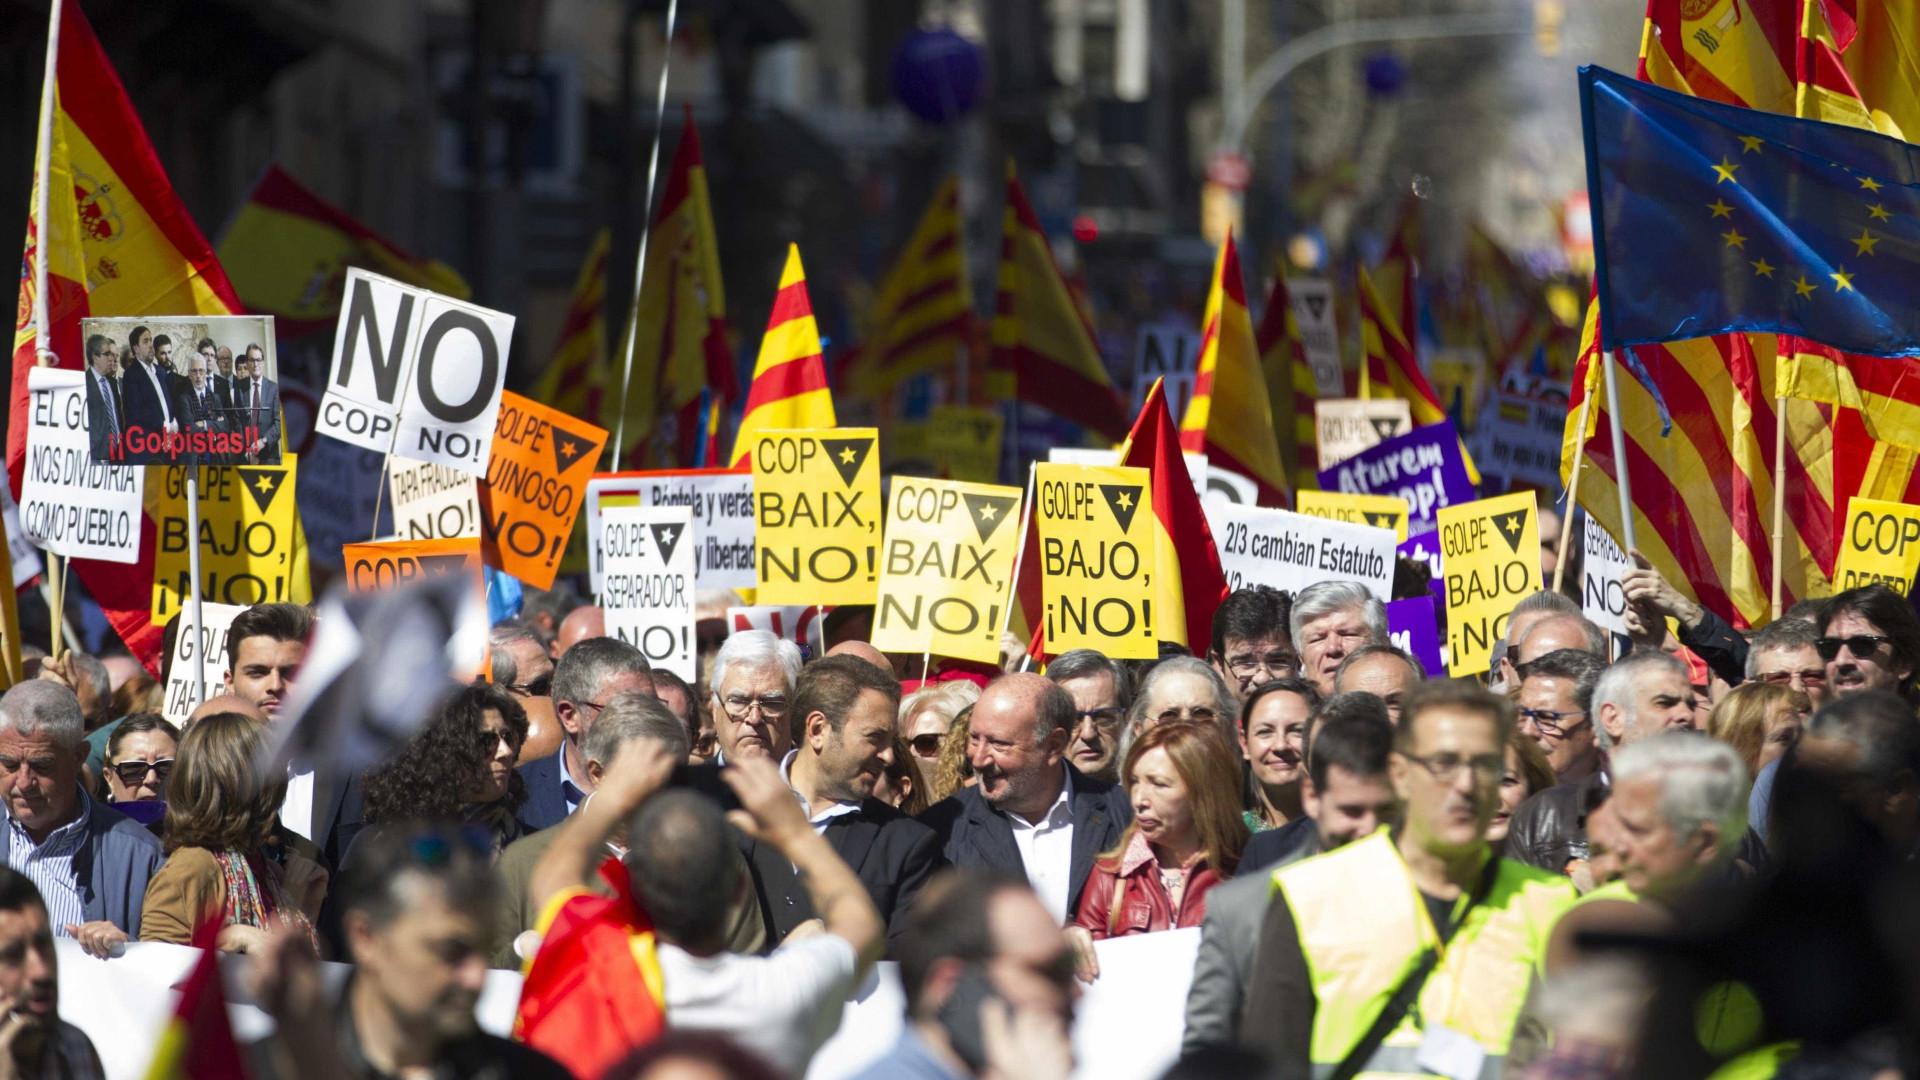 """Marcha na Catalunha contra """"golpe separatista"""" com milhares de pessoas"""